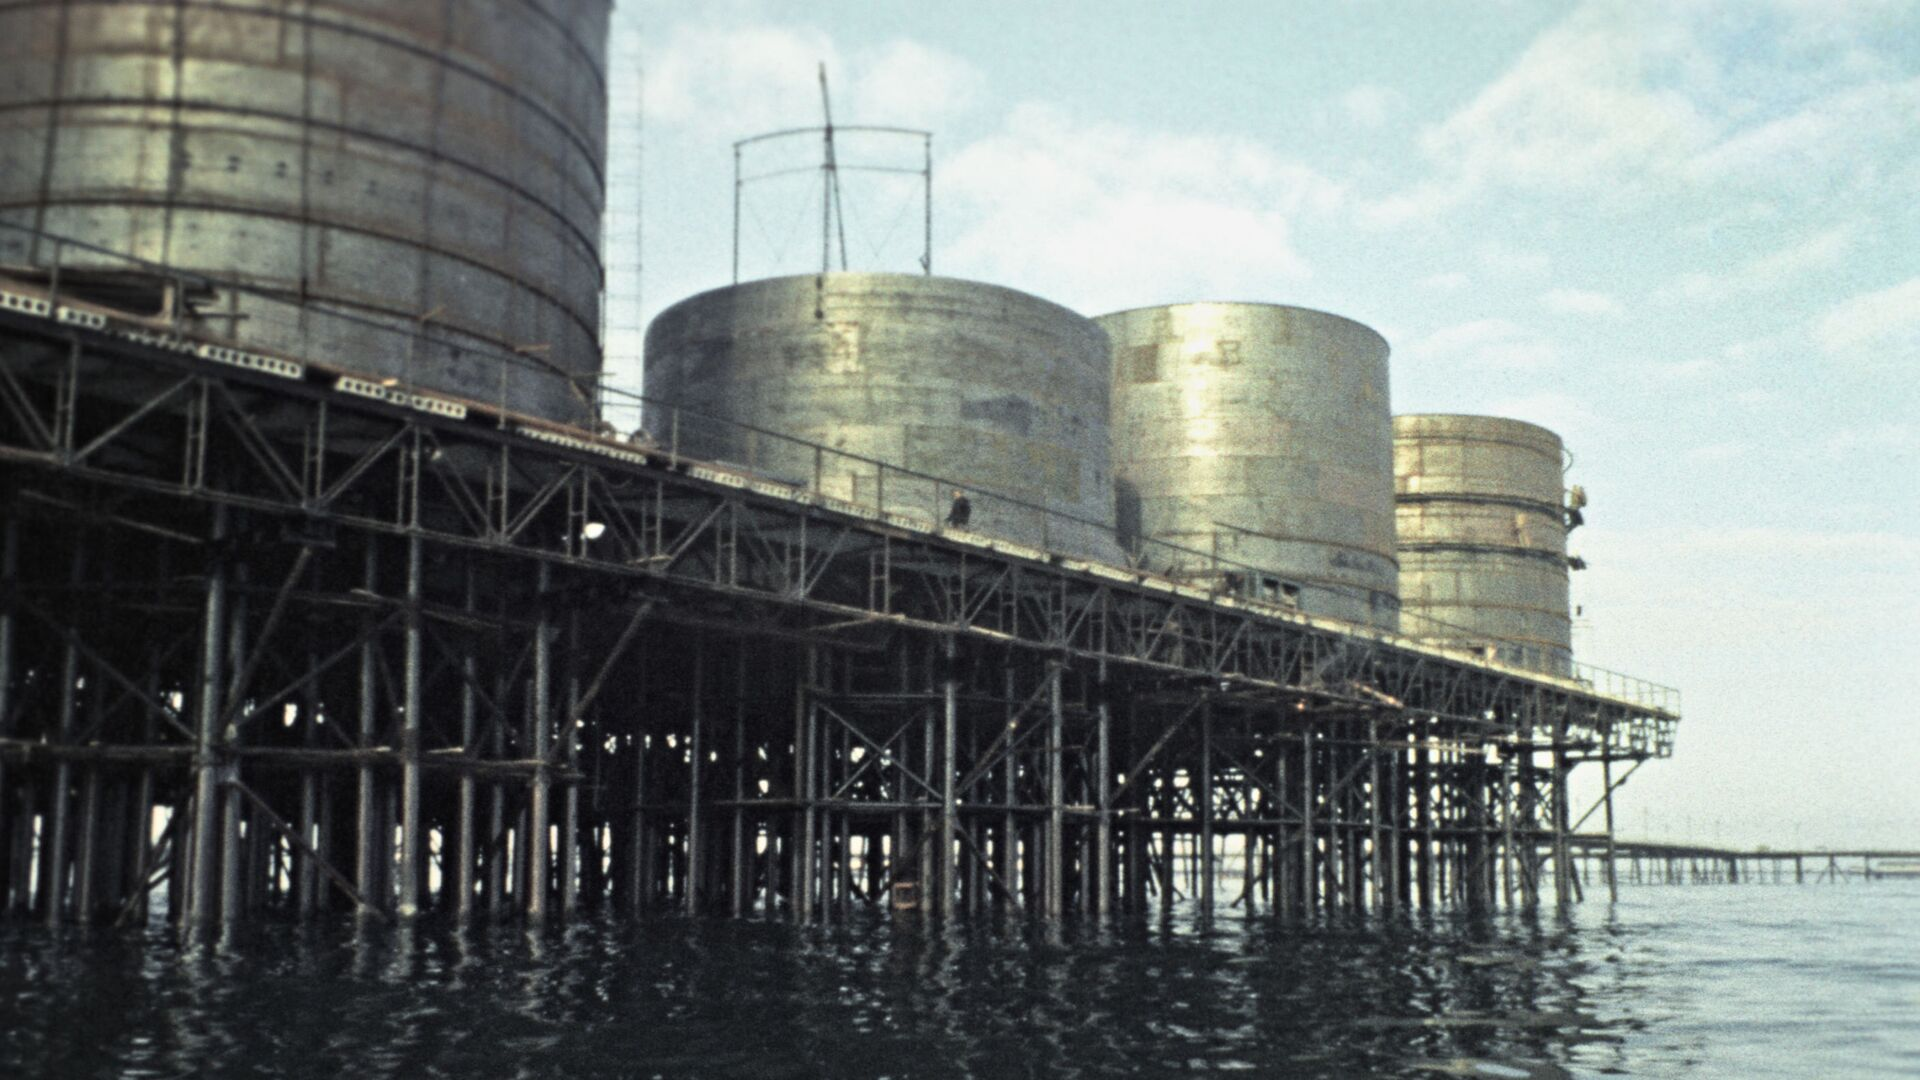 Каспијско језеро, нафта - Sputnik Србија, 1920, 08.07.2021